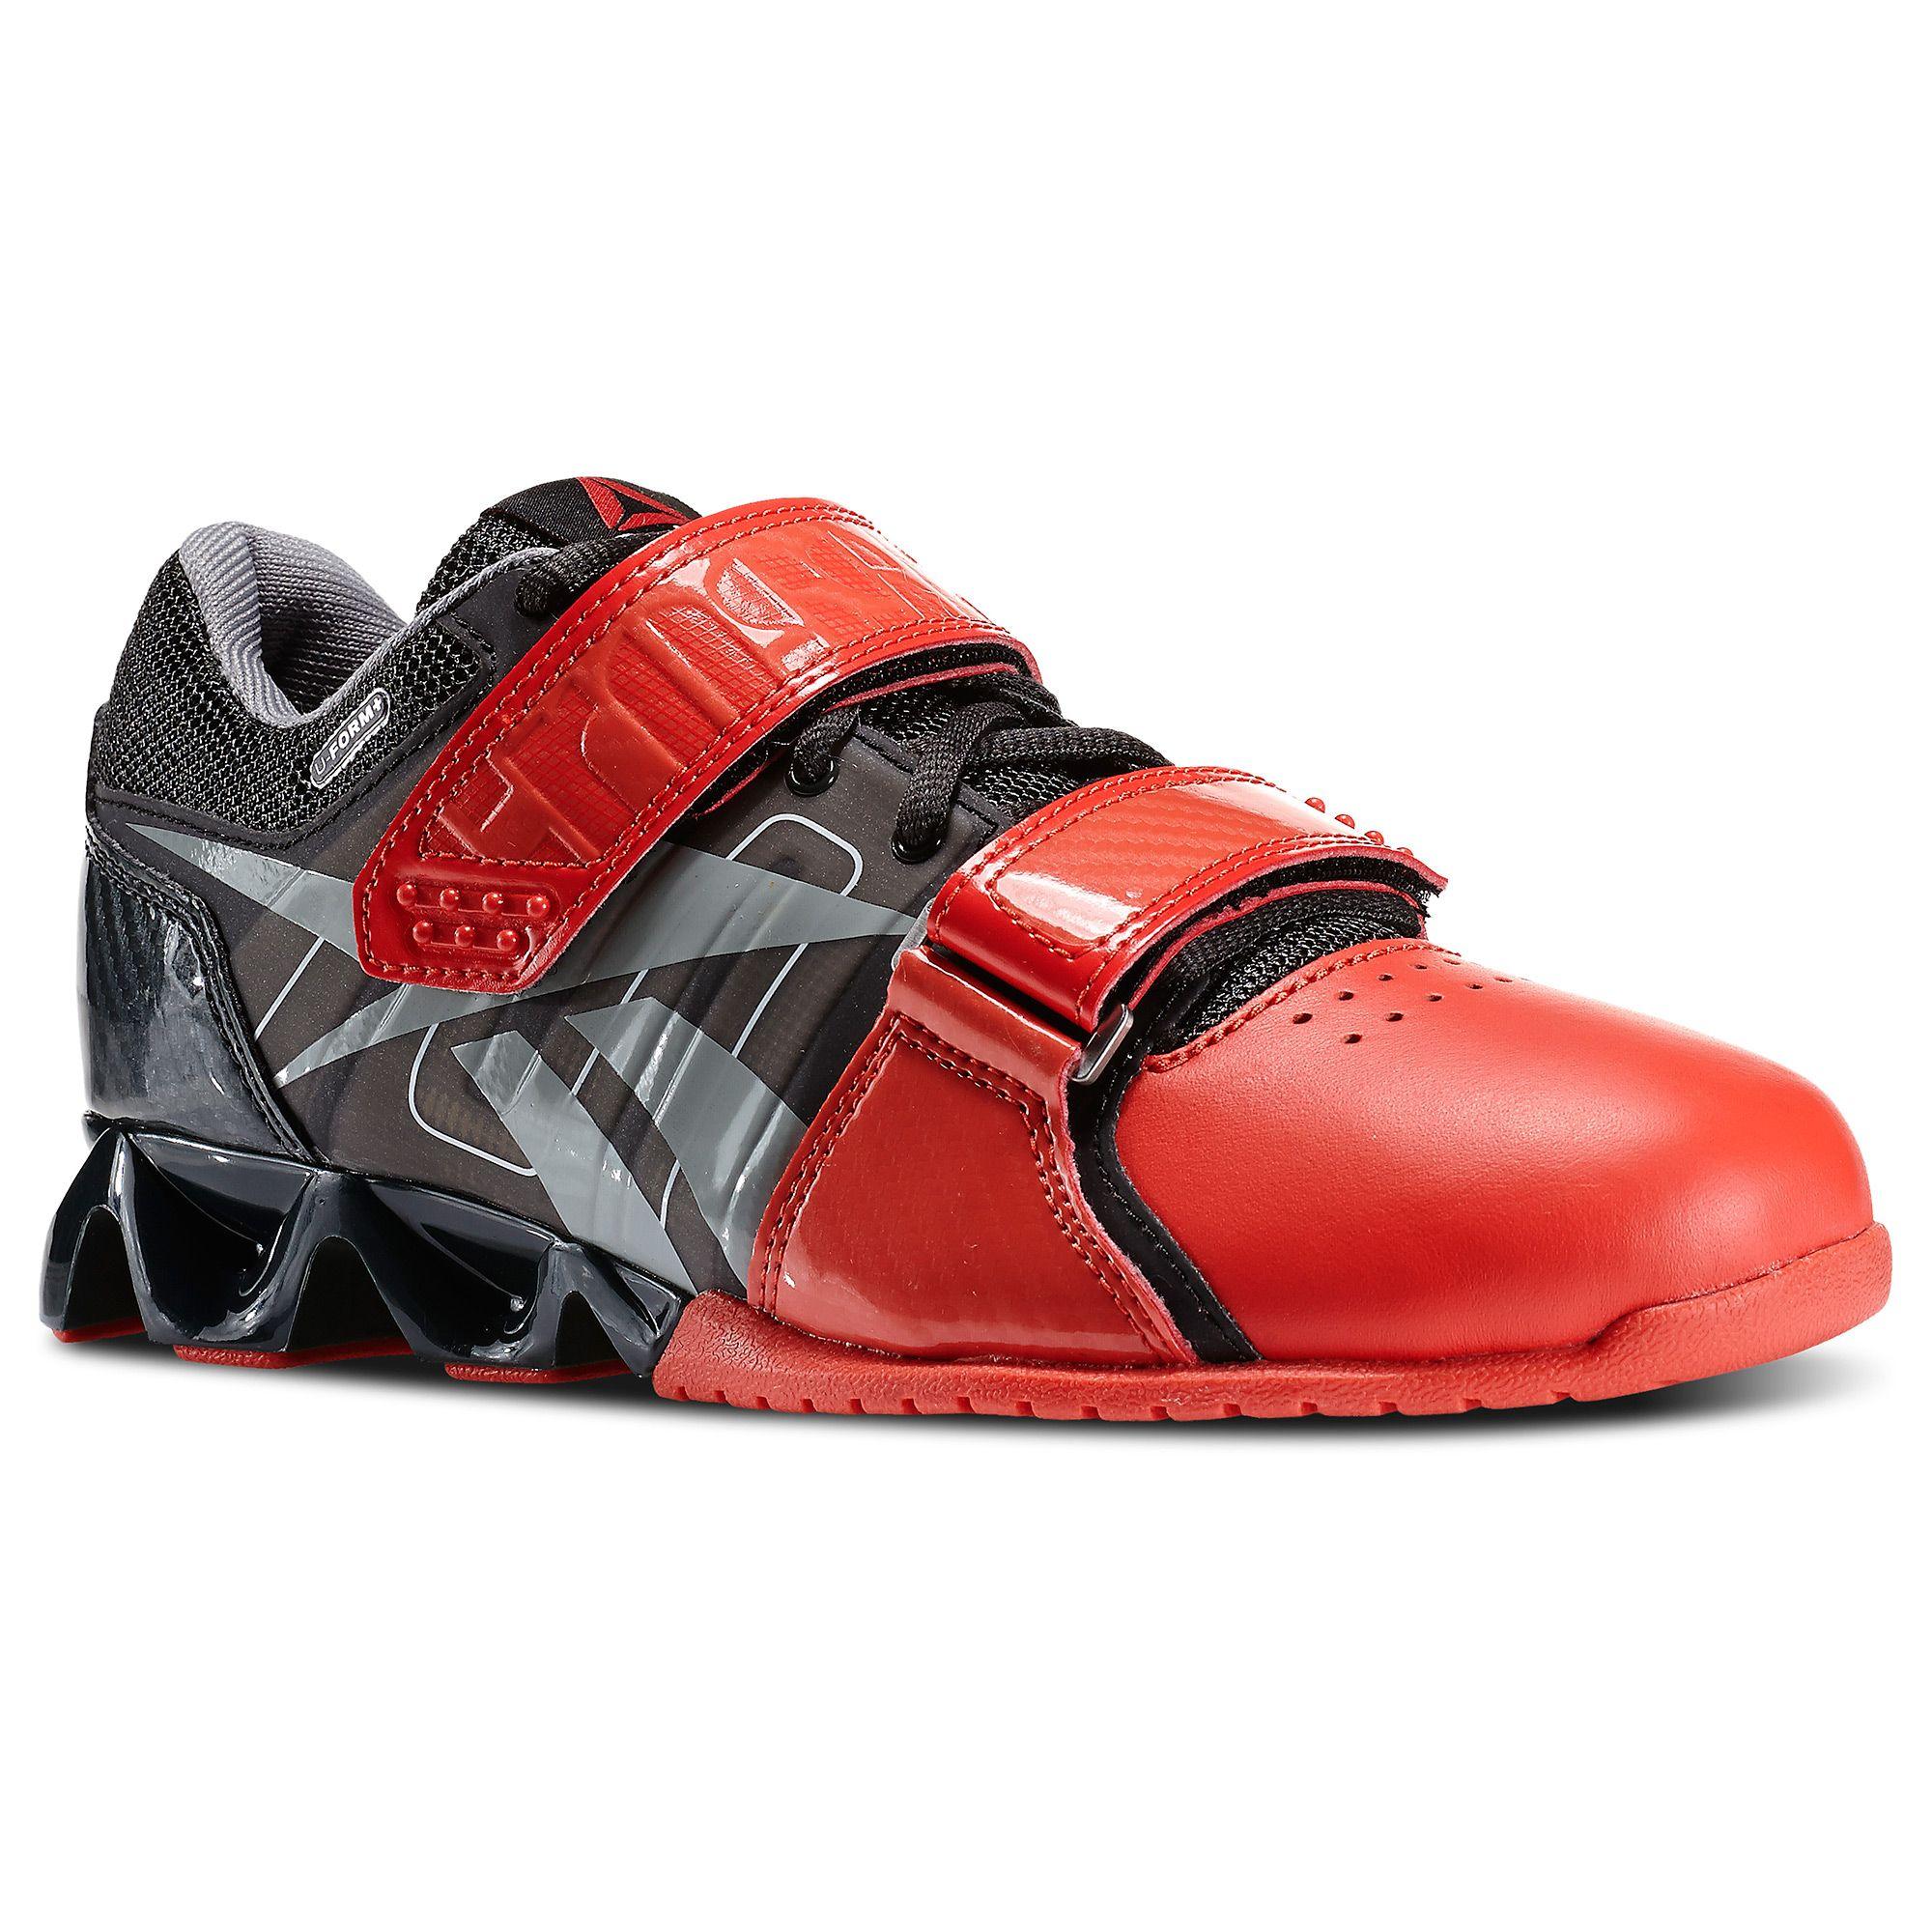 Reebok CrossFit® Lifter Plus Reebok Austria Reebok